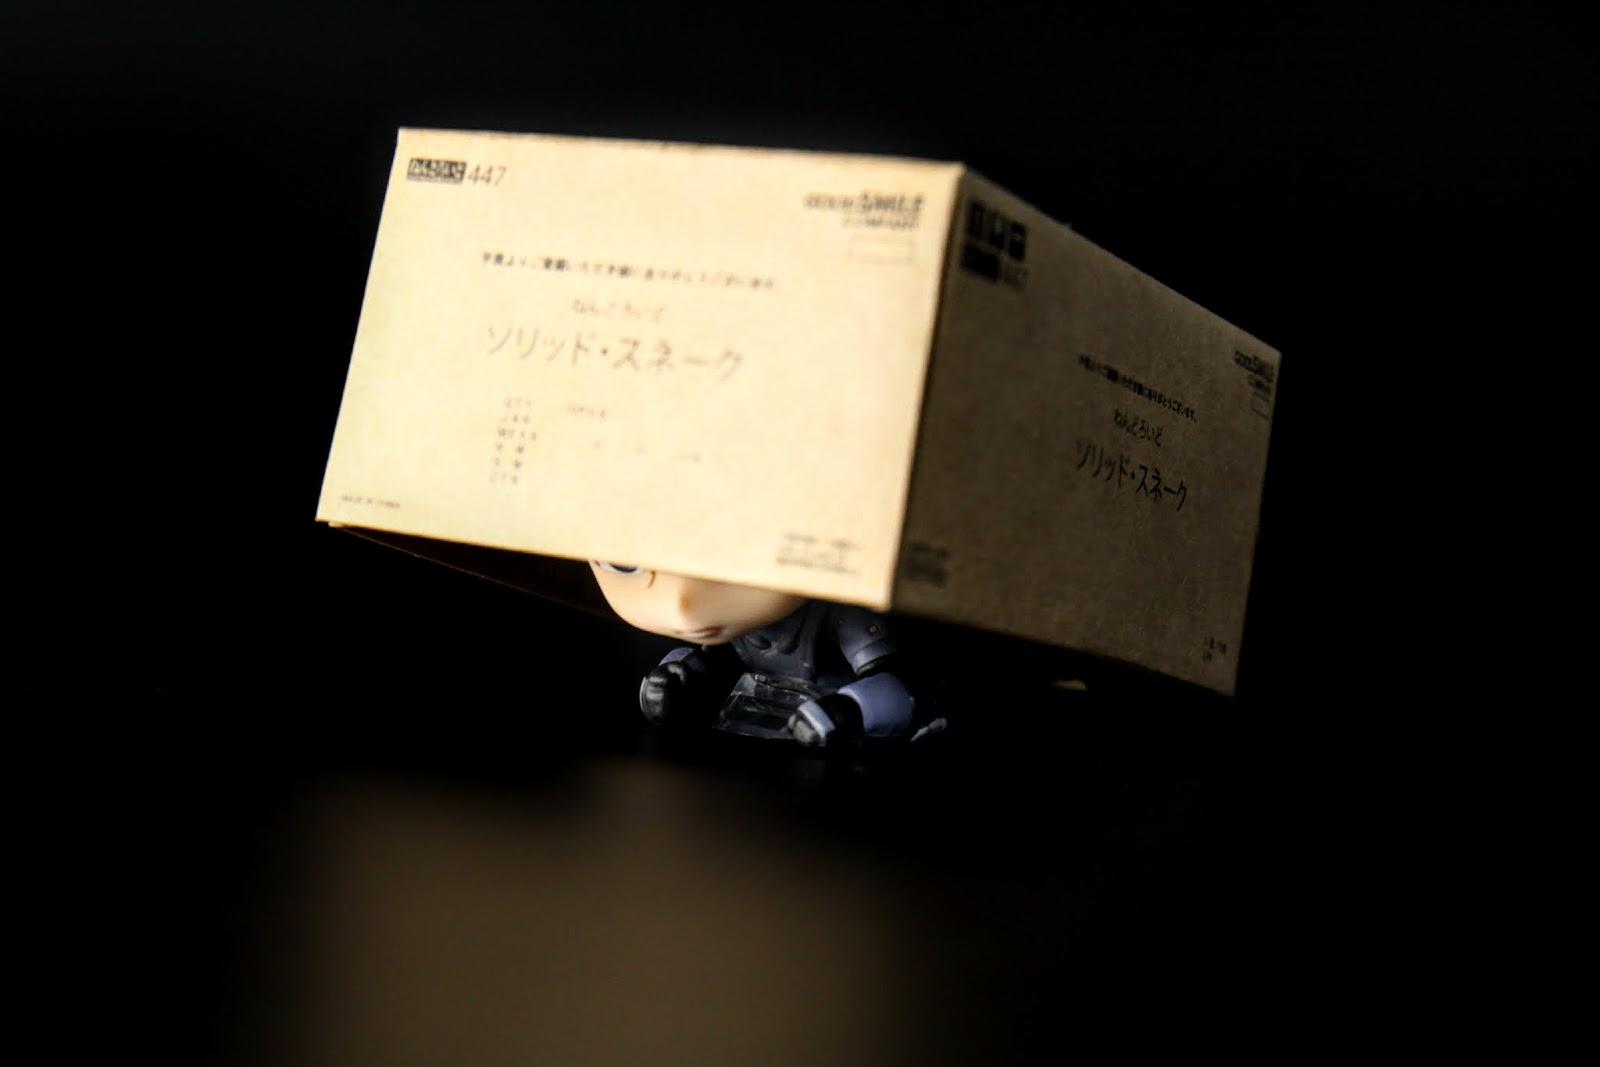 用紙箱躲藏時身體有一個零件可以固定高度,但實際用起來直接用手撐著就可以了,那零件反而有點難用